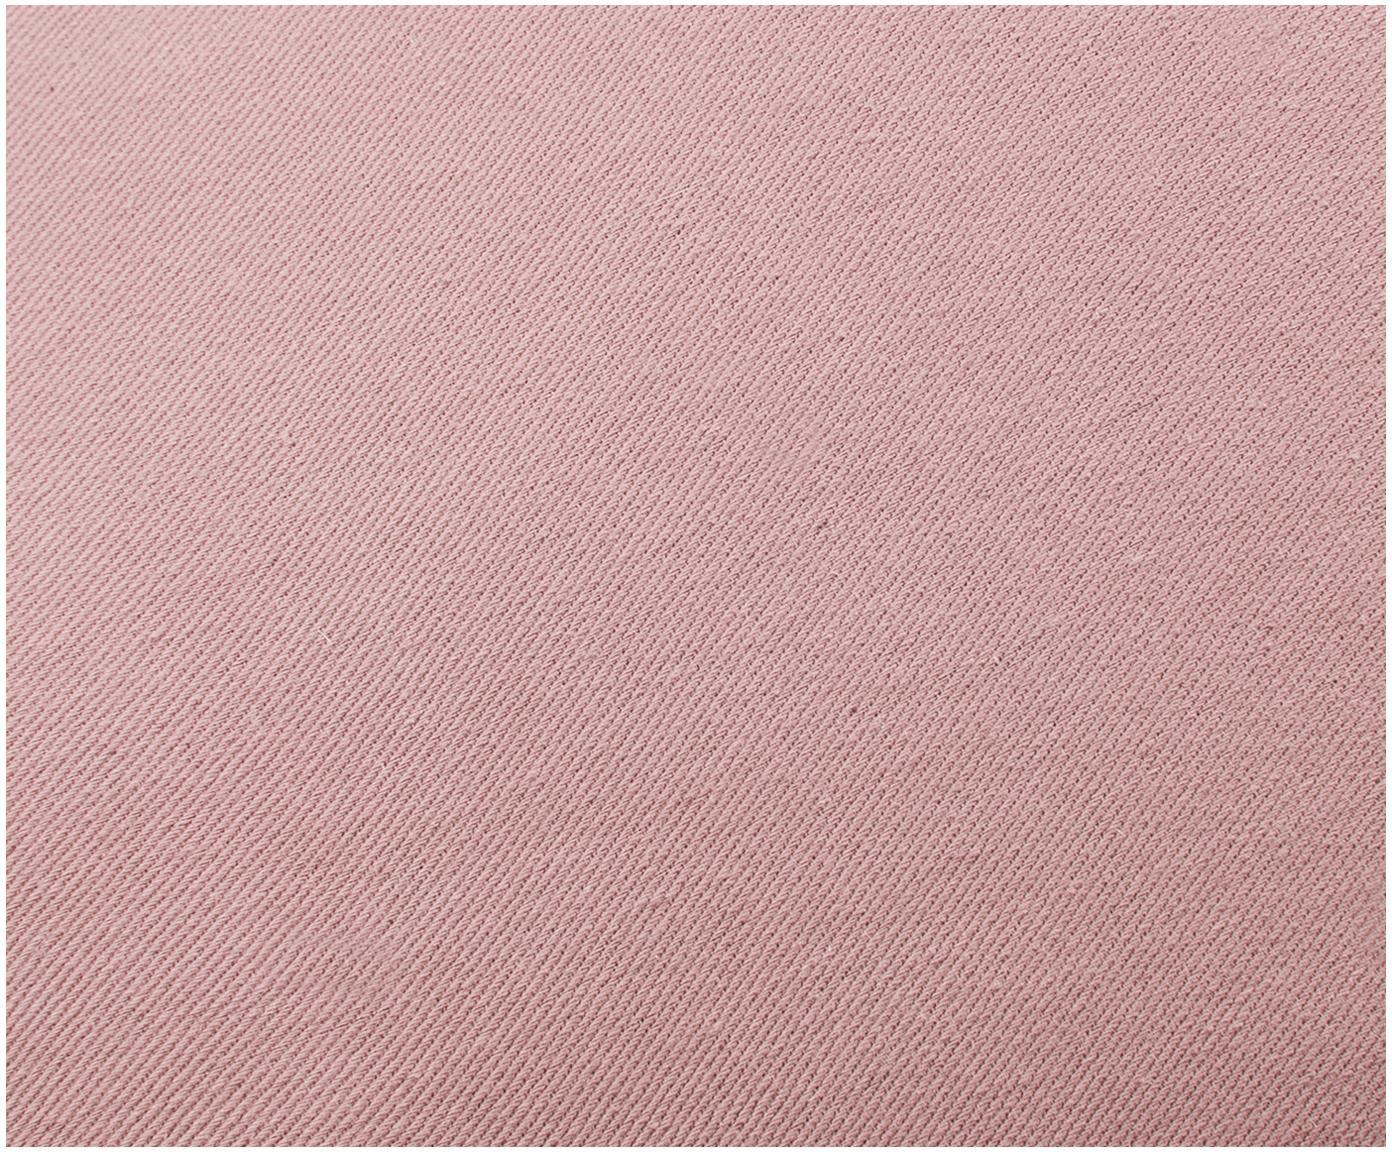 Poduszka z aksamitu Shell, Tapicerka: 100% aksamit poliestrowy, Brudny różowy, S 28 x D 30 cm